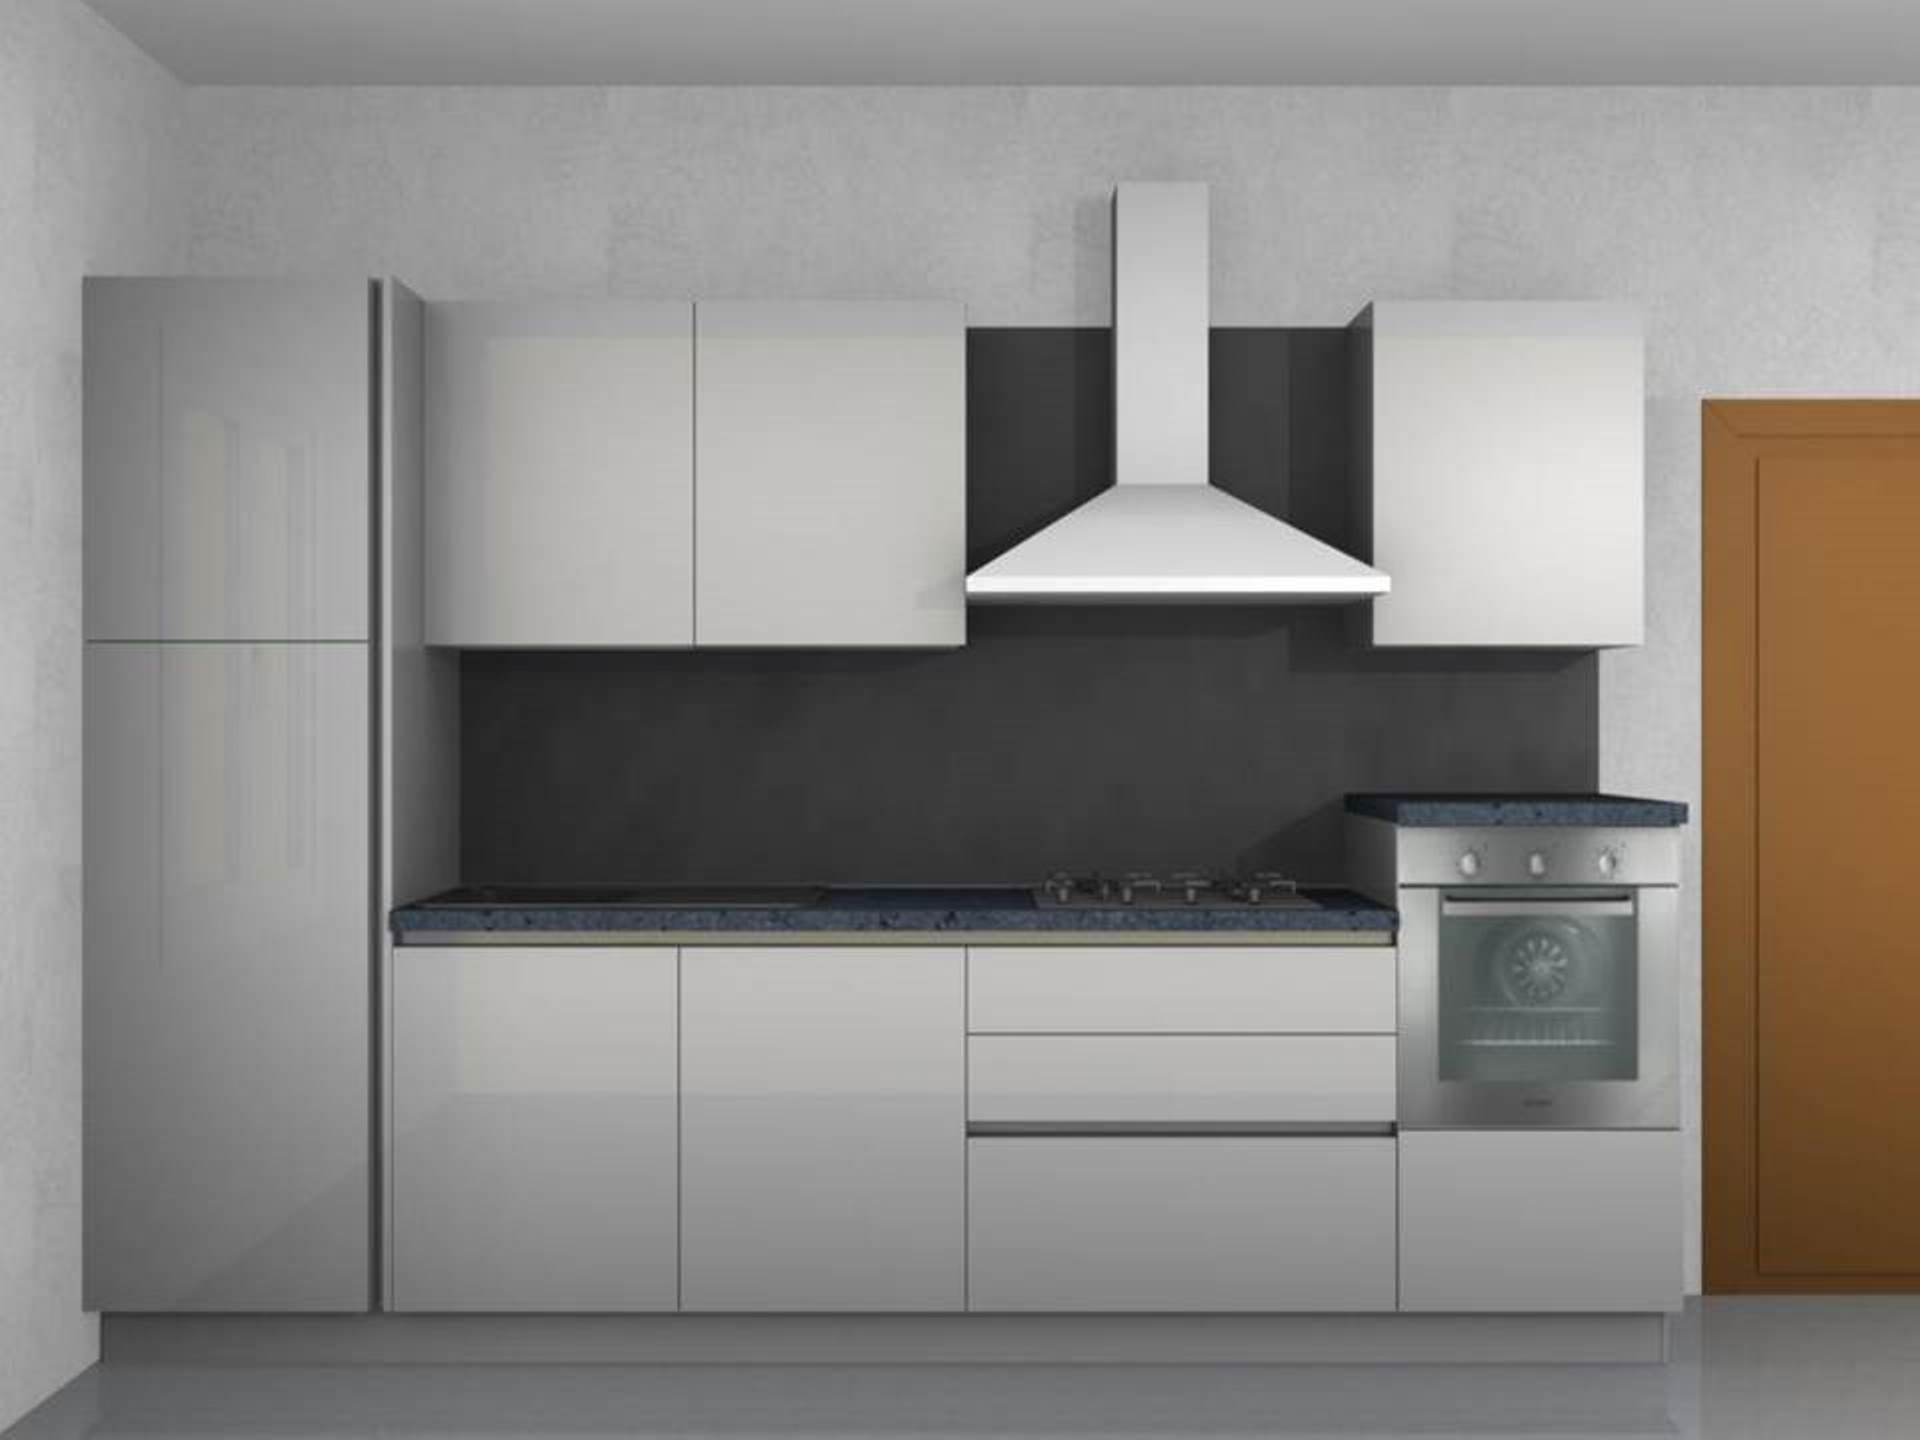 Stosa cucine cucina alev laccata bianca lucida con gola - Cucina bianca laccata lucida ...